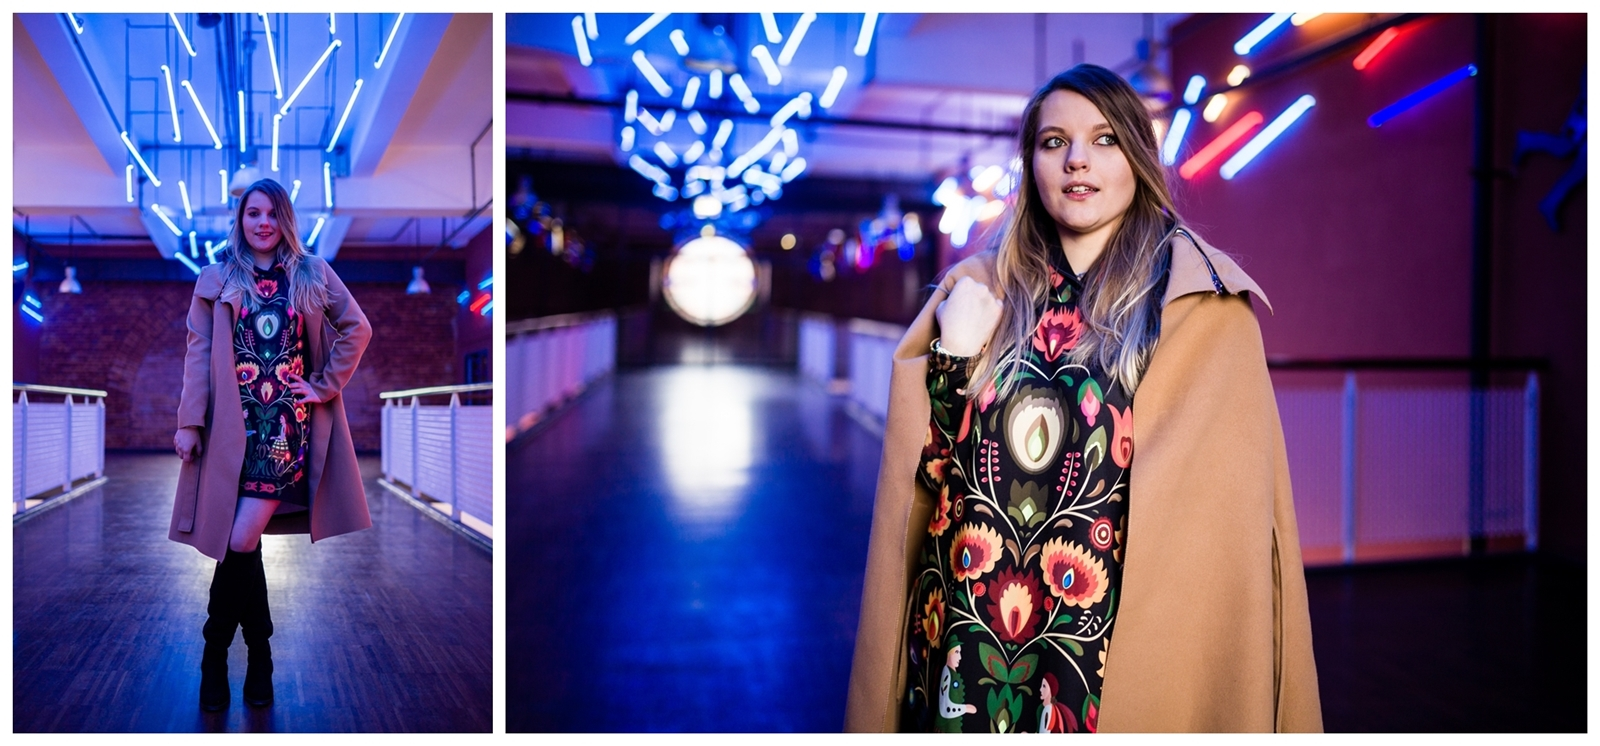 3 folk by koko recenzje opinie jakość sukienka bluza z motywem łowickim kodra folkowe ubrania motywy eleganckie folkowe dodatki kodra łowicka góralskie róże stylizacja polska blogerka łódź moda melodylaniella